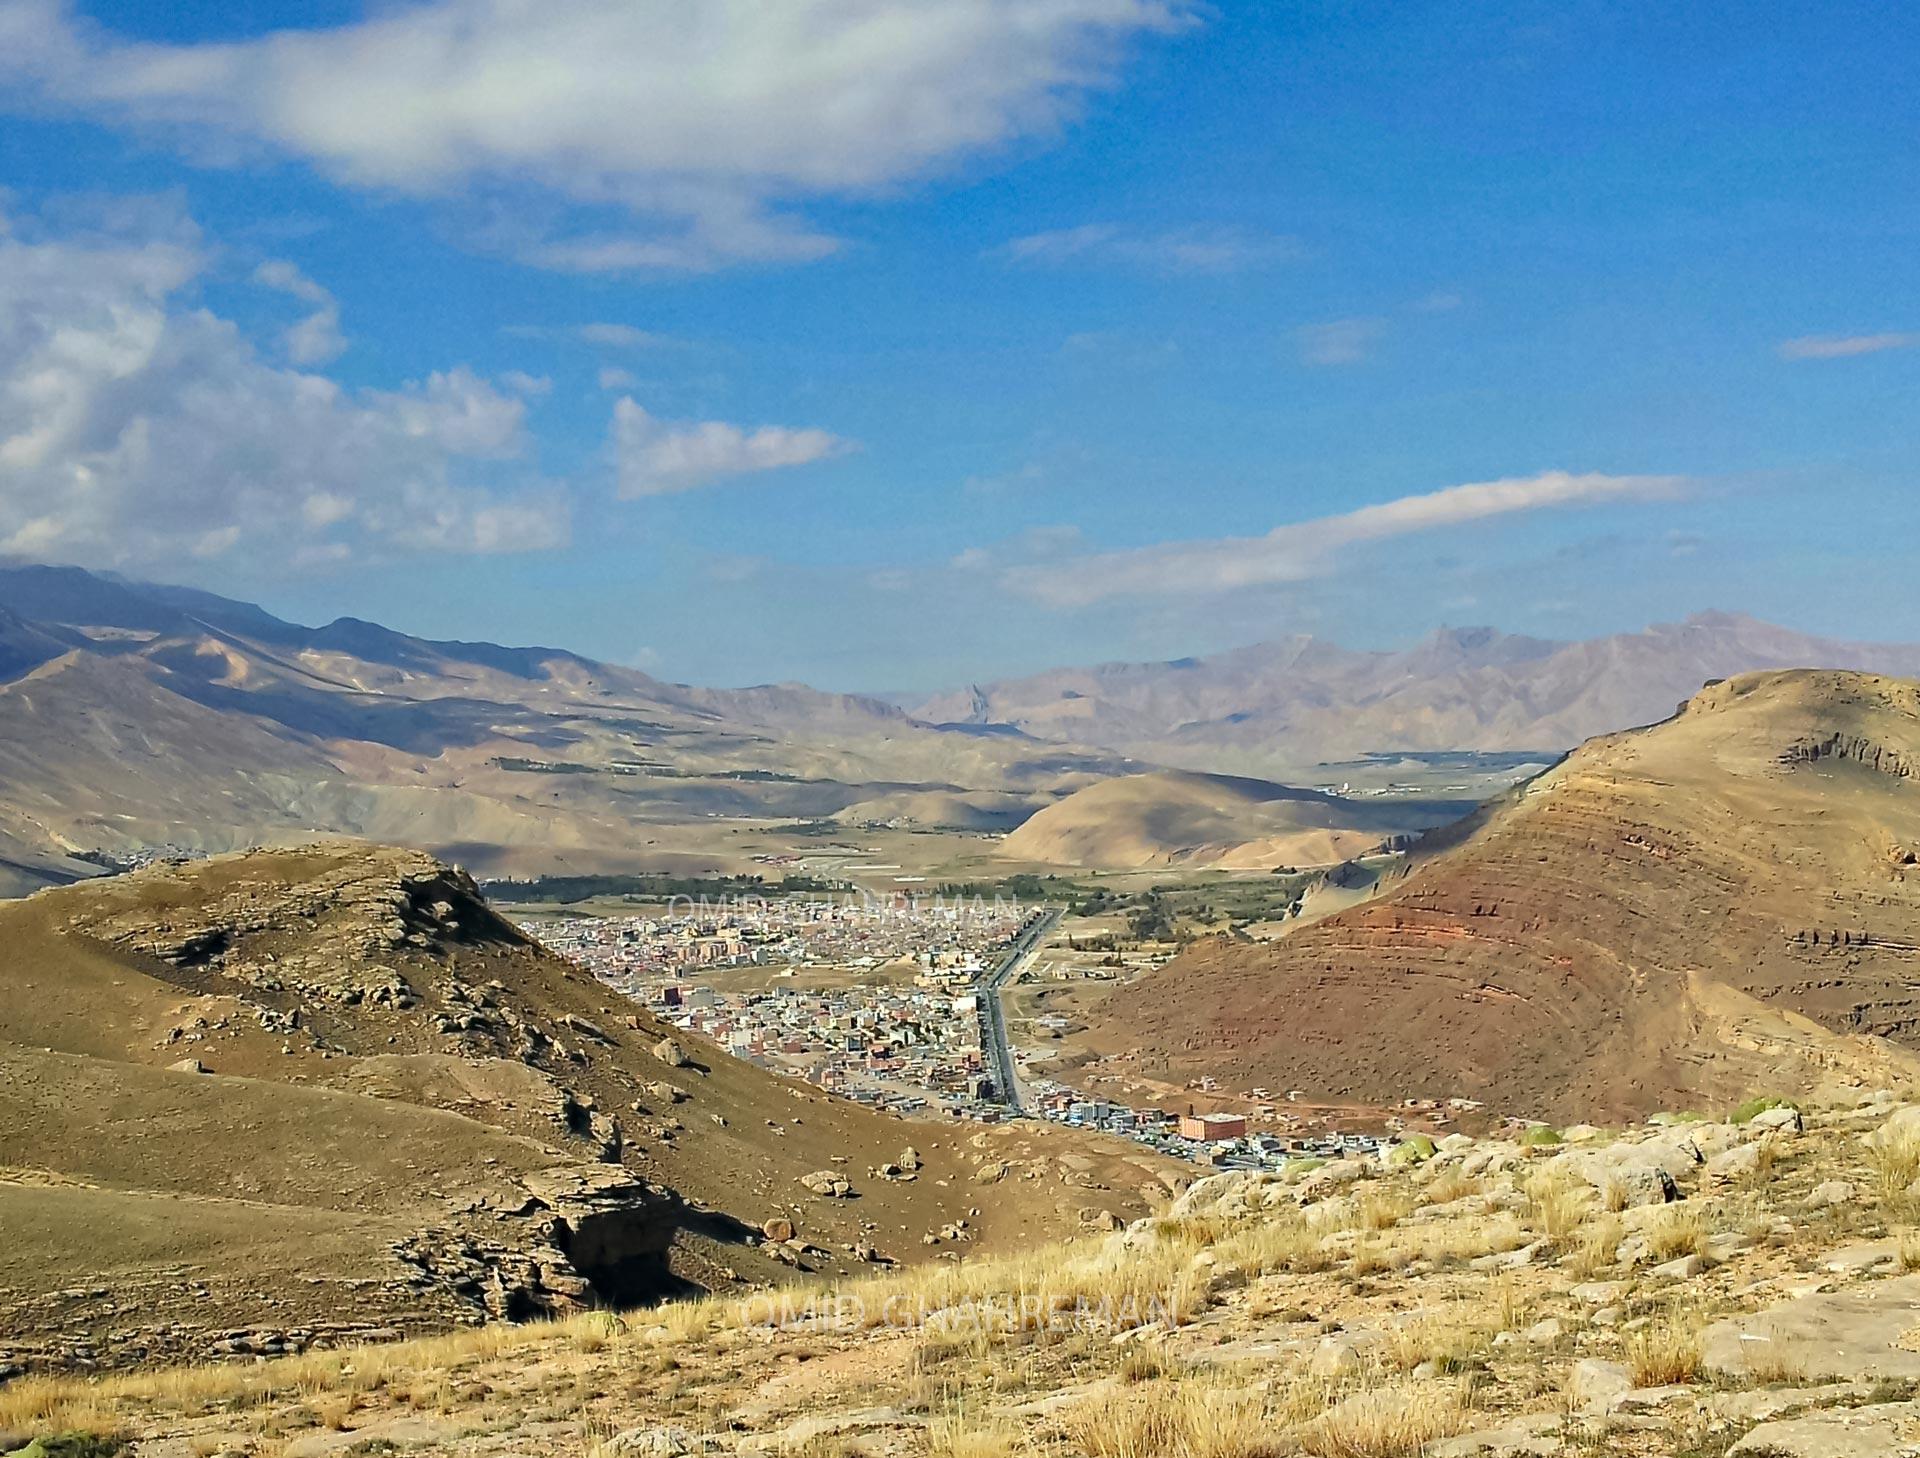 شهرک سایت ماکو در میان کوه ها